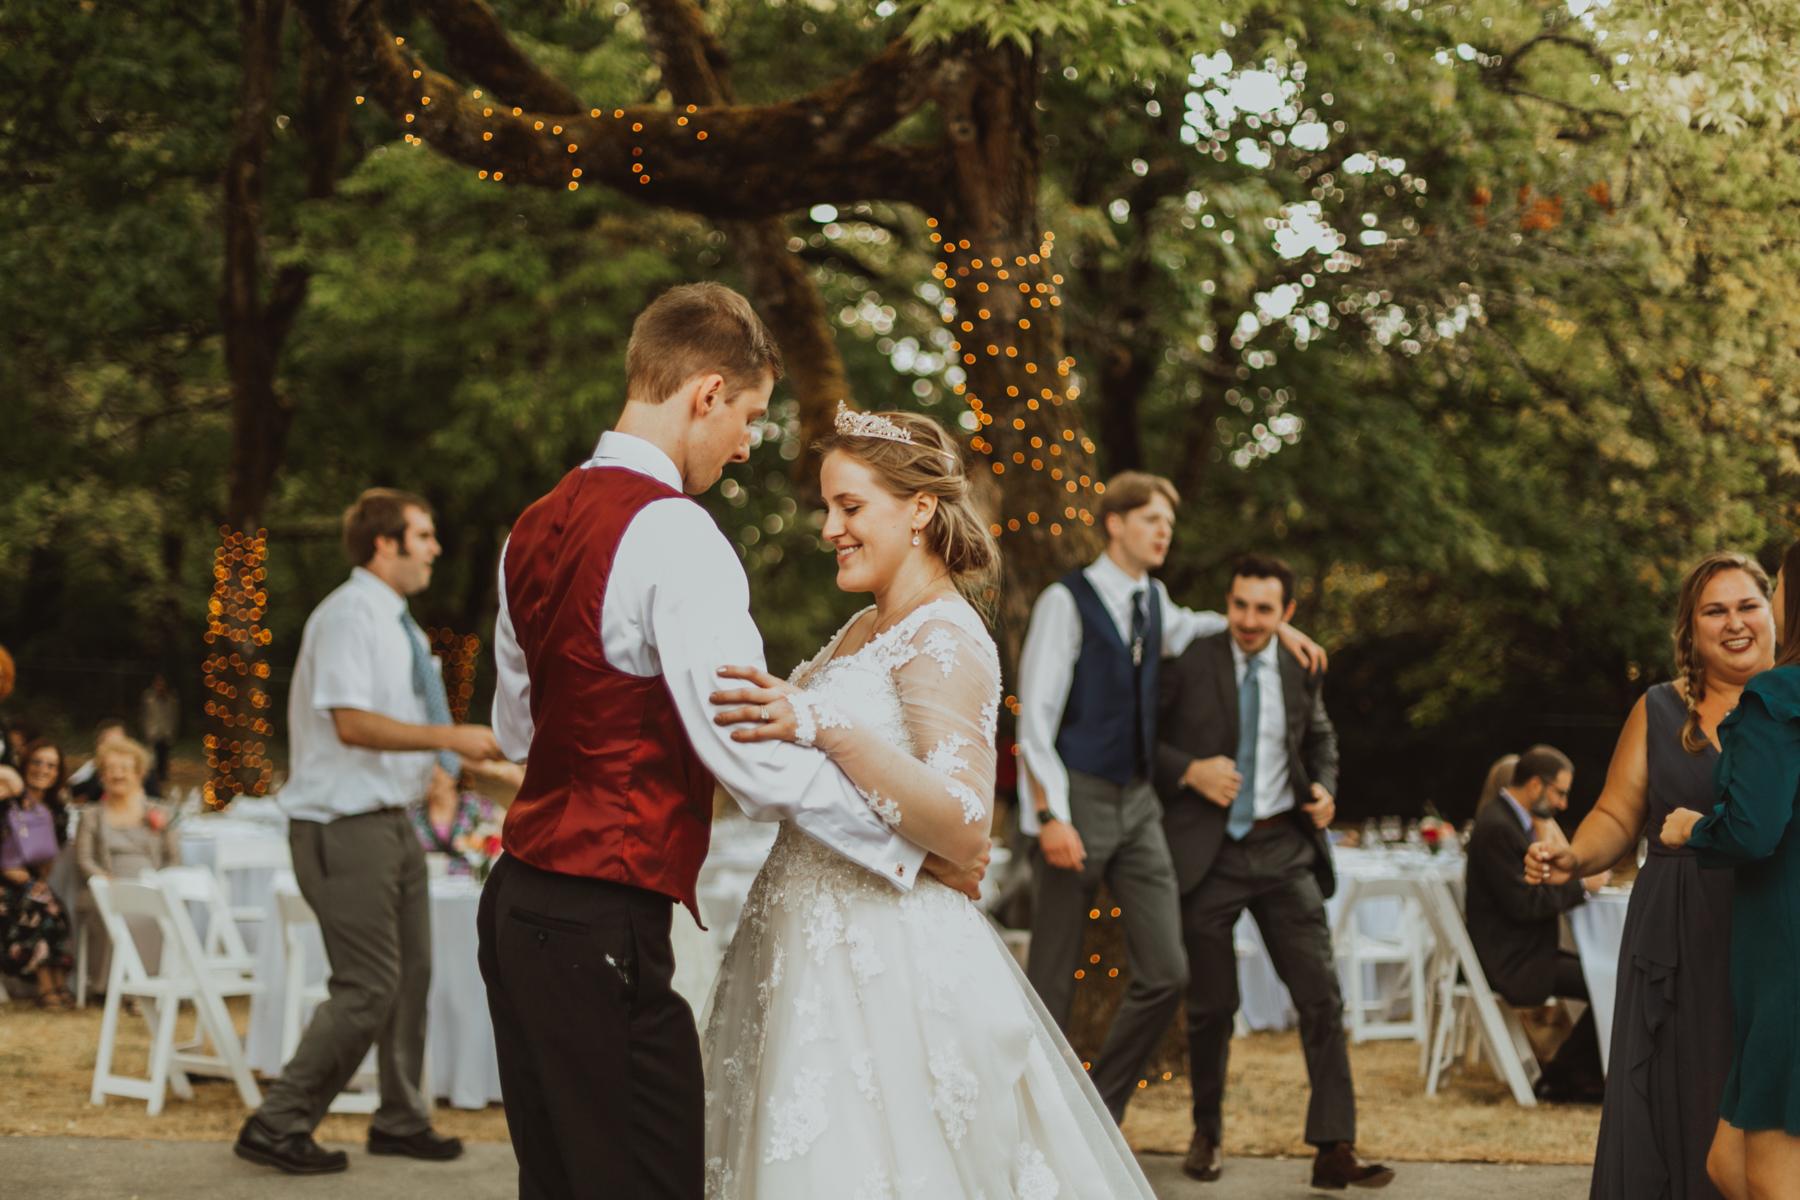 WB 09.08.18   Robinson Wedding 0239.JPG